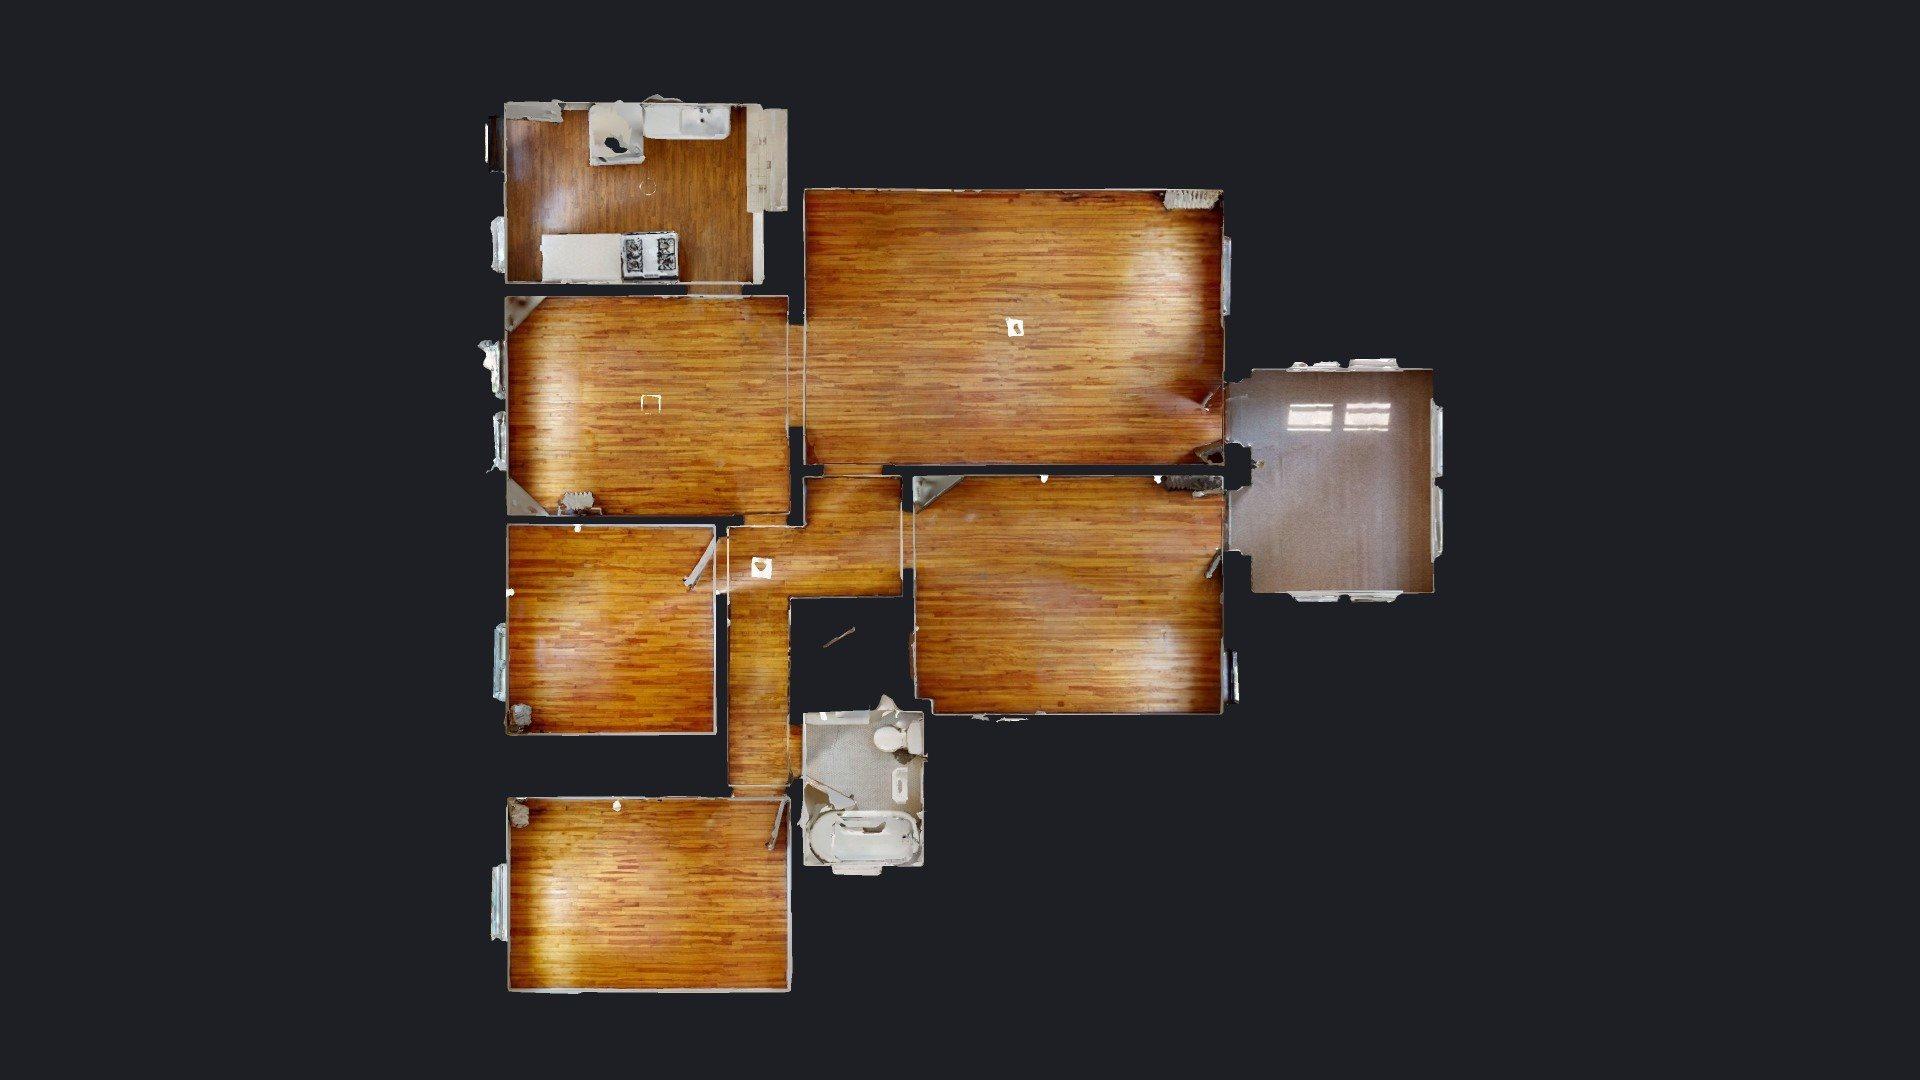 Sibley_3br_floor plan